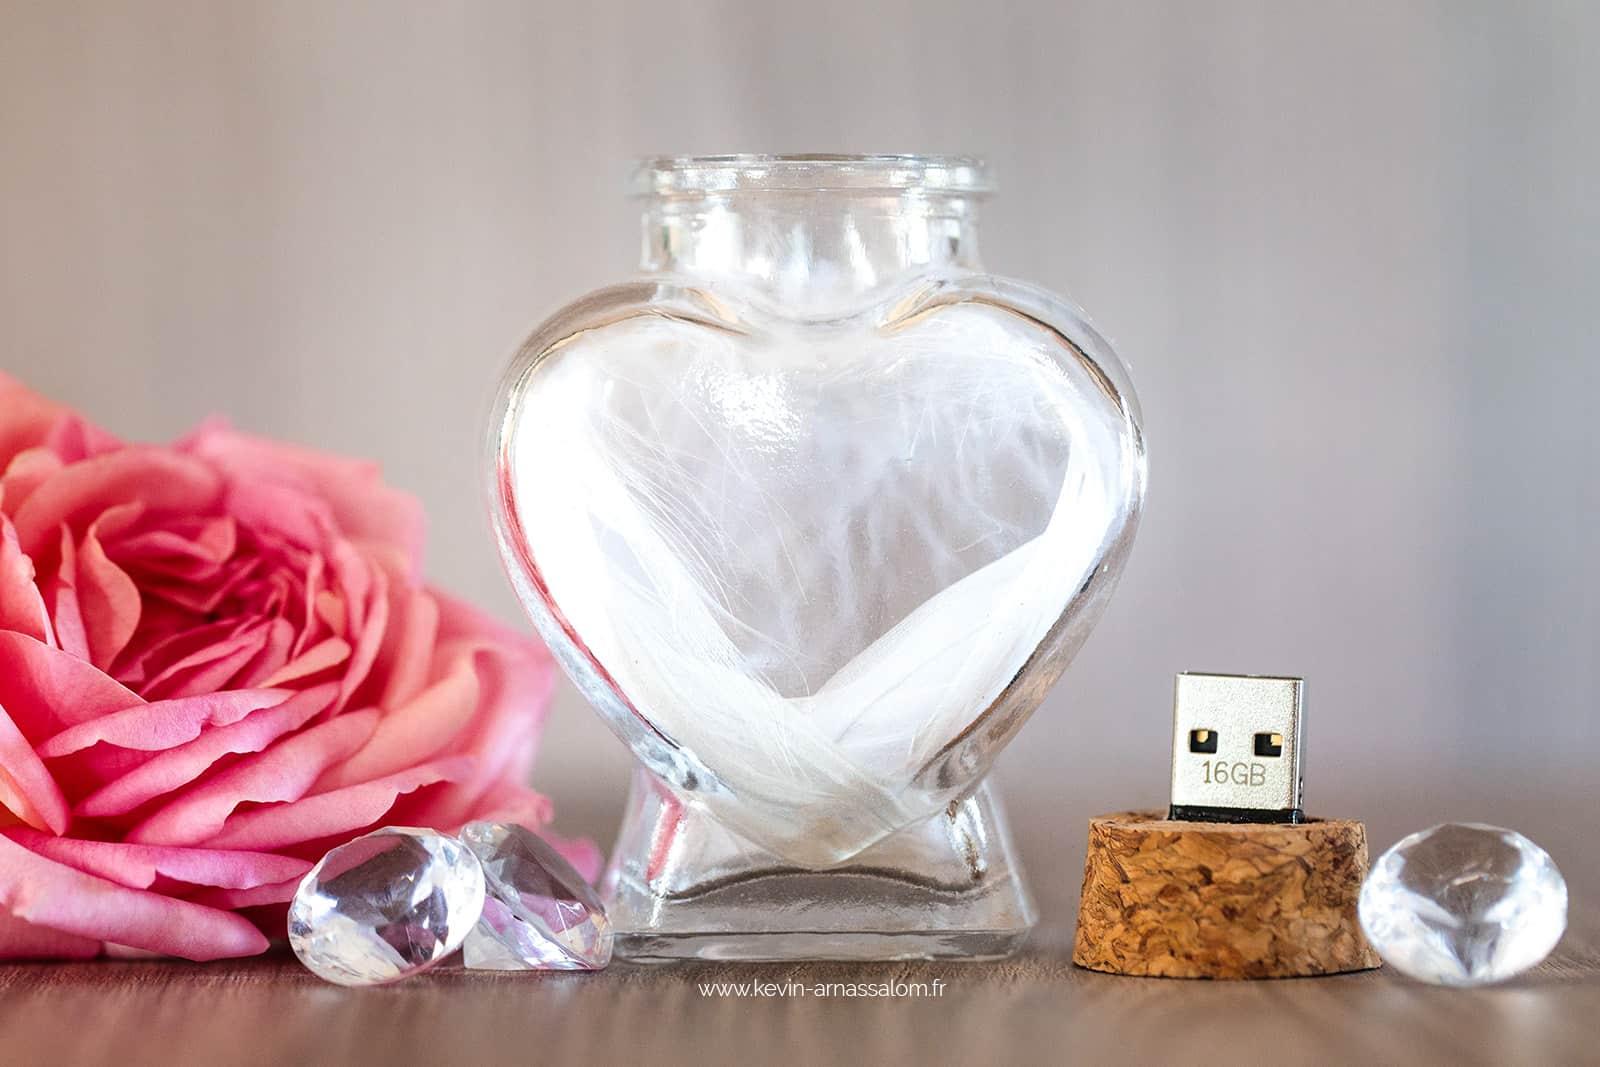 MY SOUL MATE (PRO) - Un bon rapport qualité / prix pour votre couple